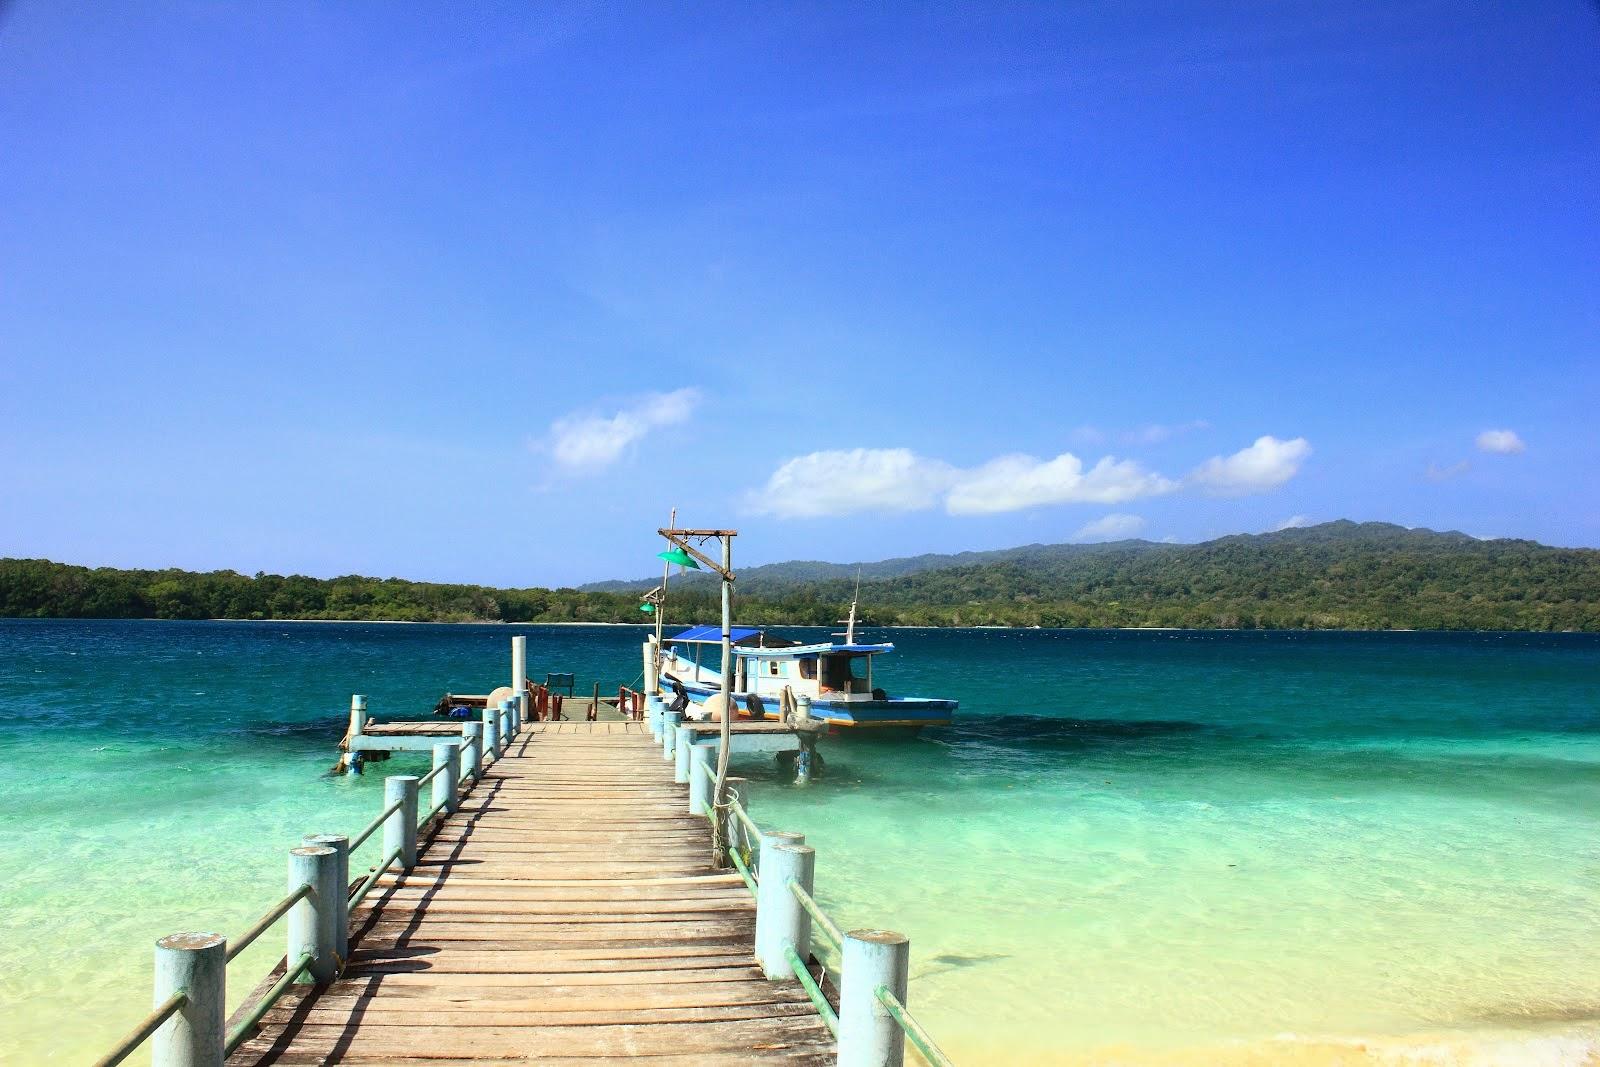 Ujung Kulon Pulau Peucang Dermaga Pulau Peucang Ujung